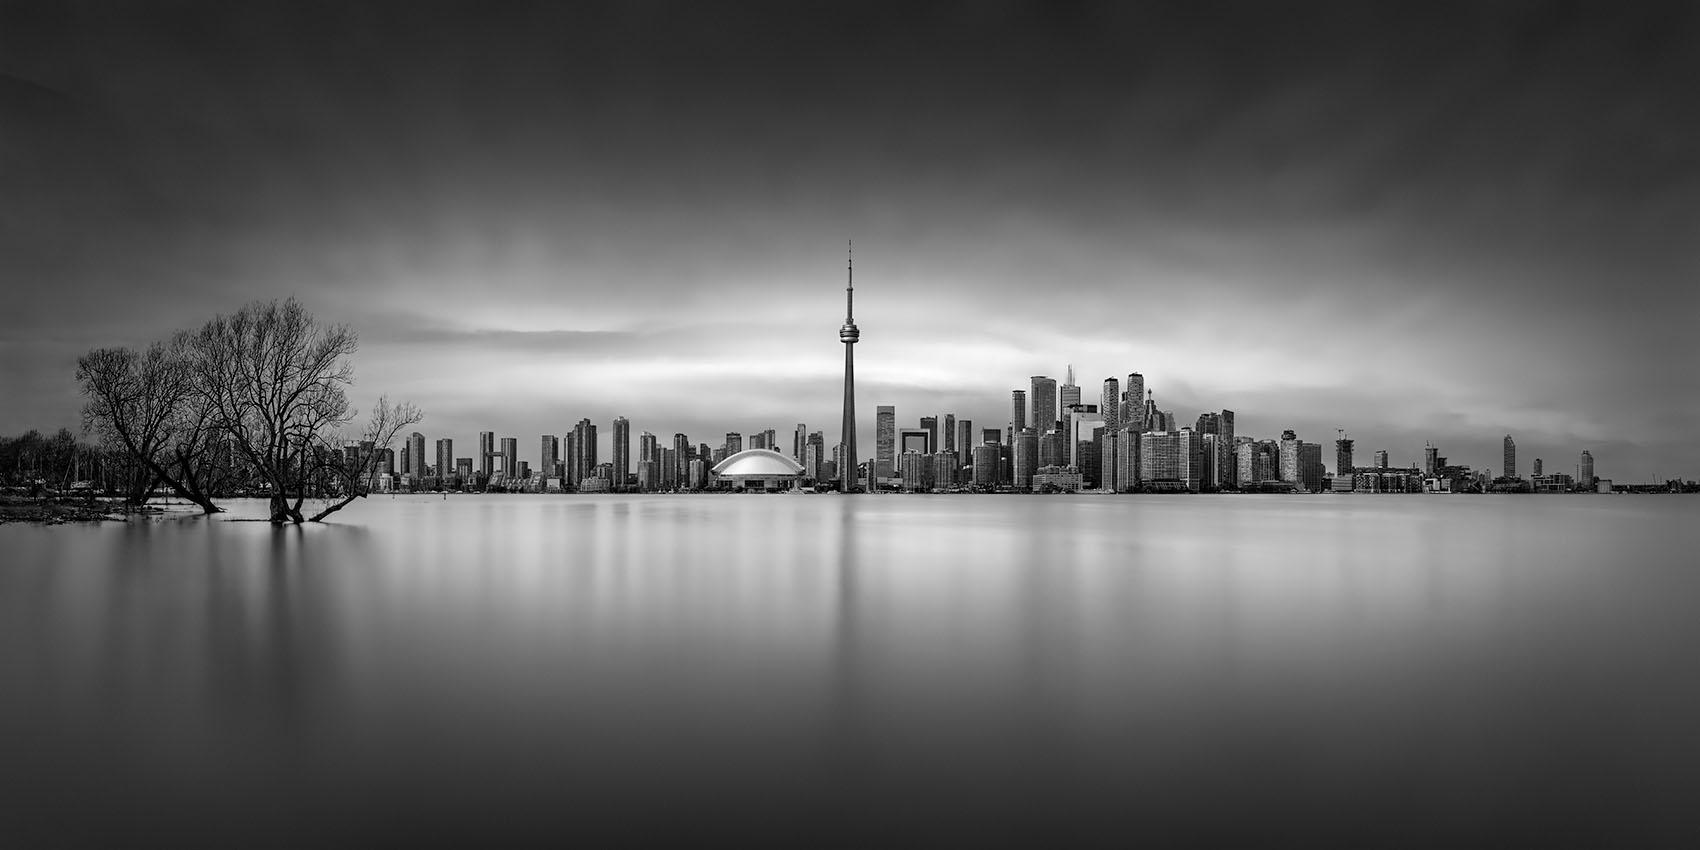 Metropolis I - Toronto - © Julia Anna Gospodarou 2020